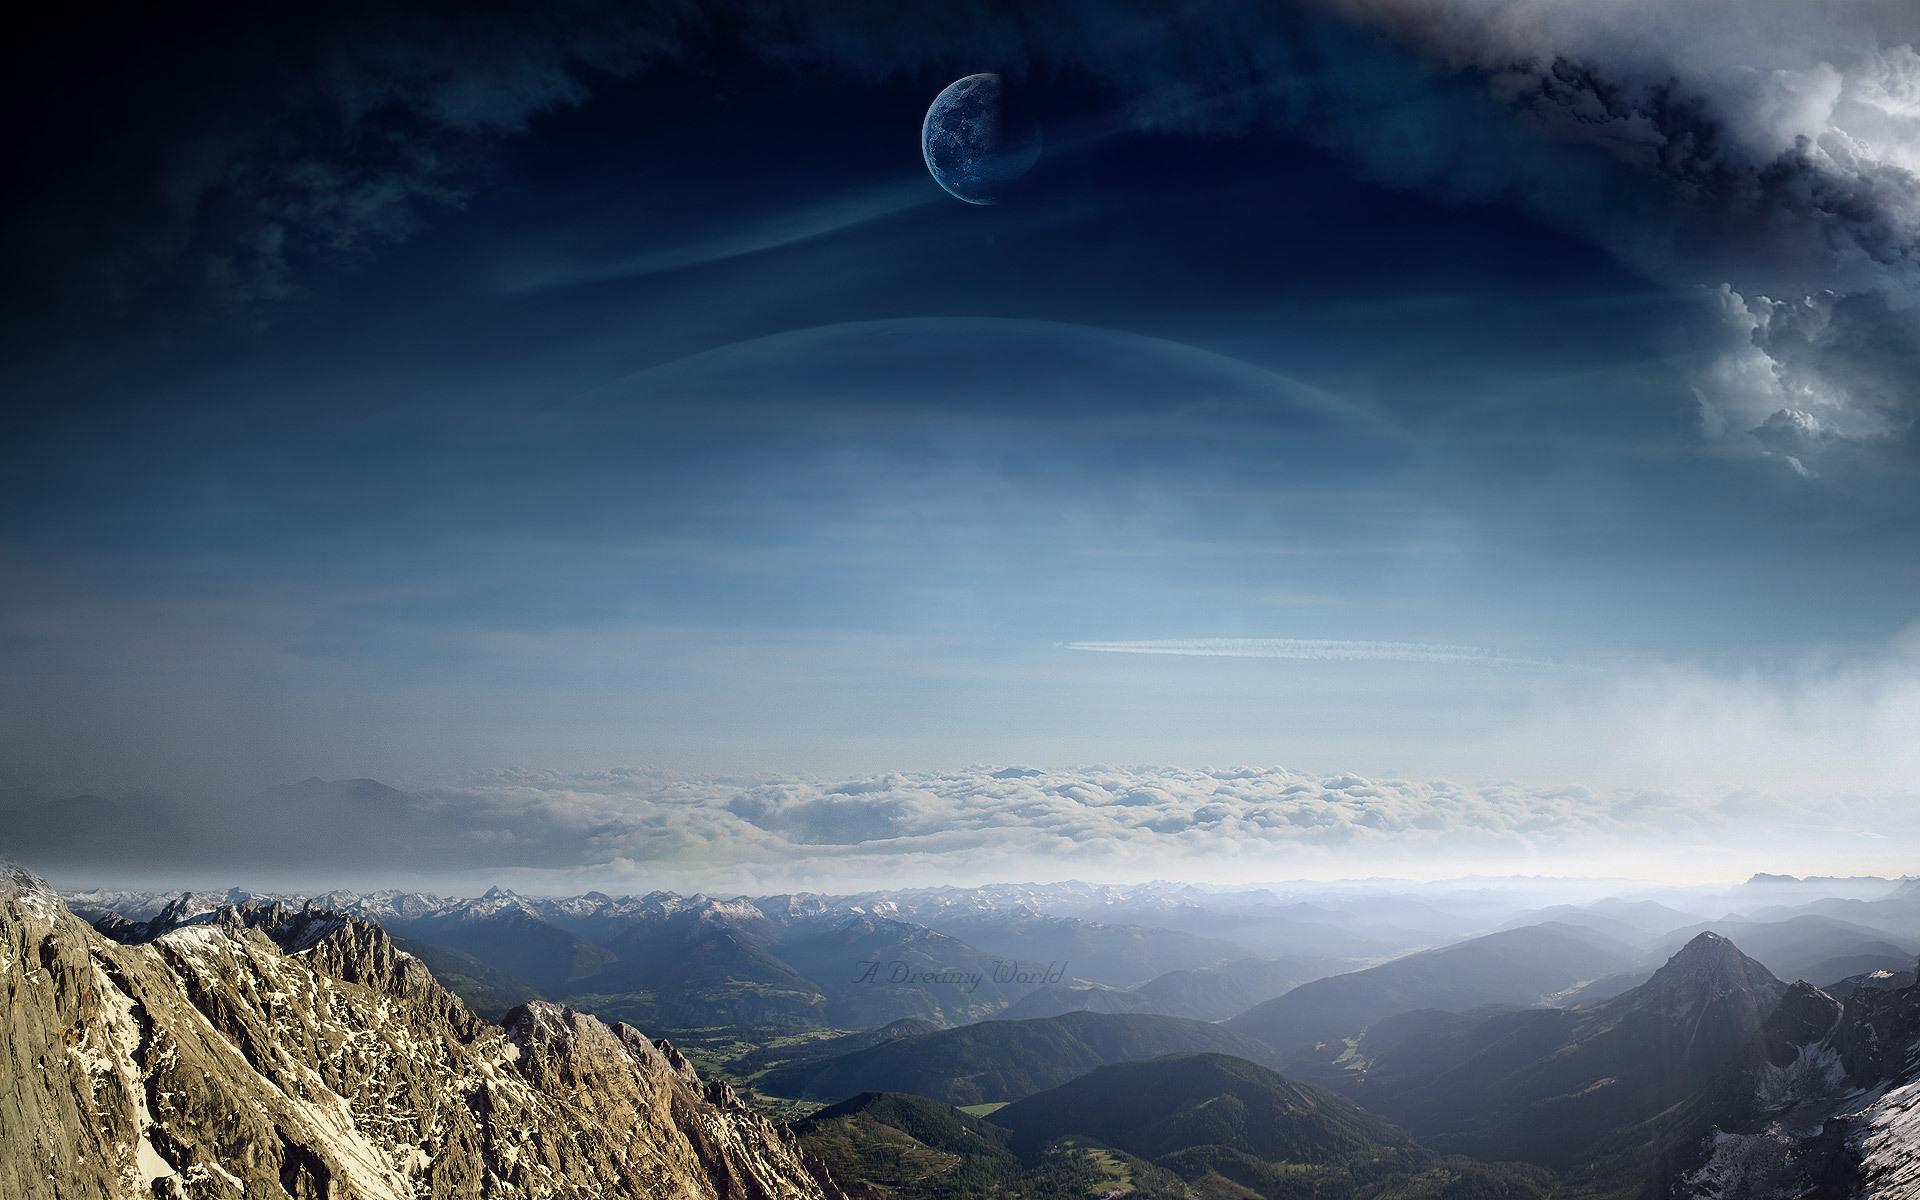 dreamy clouds - HD Desktop Wallpapers | 4k HD